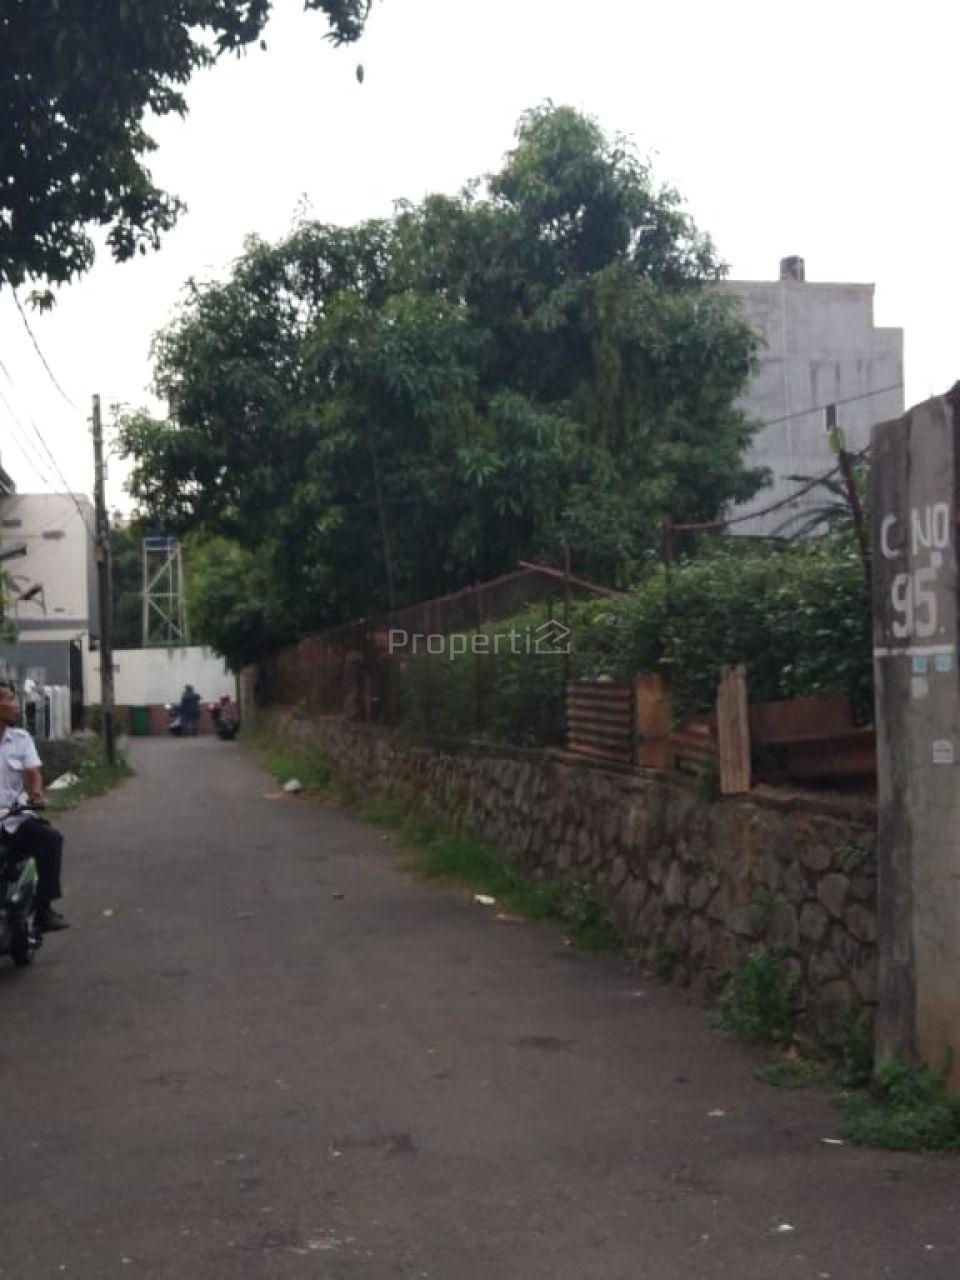 Plot Land in DPR RI Pribadi Complex, Joglo, DKI Jakarta